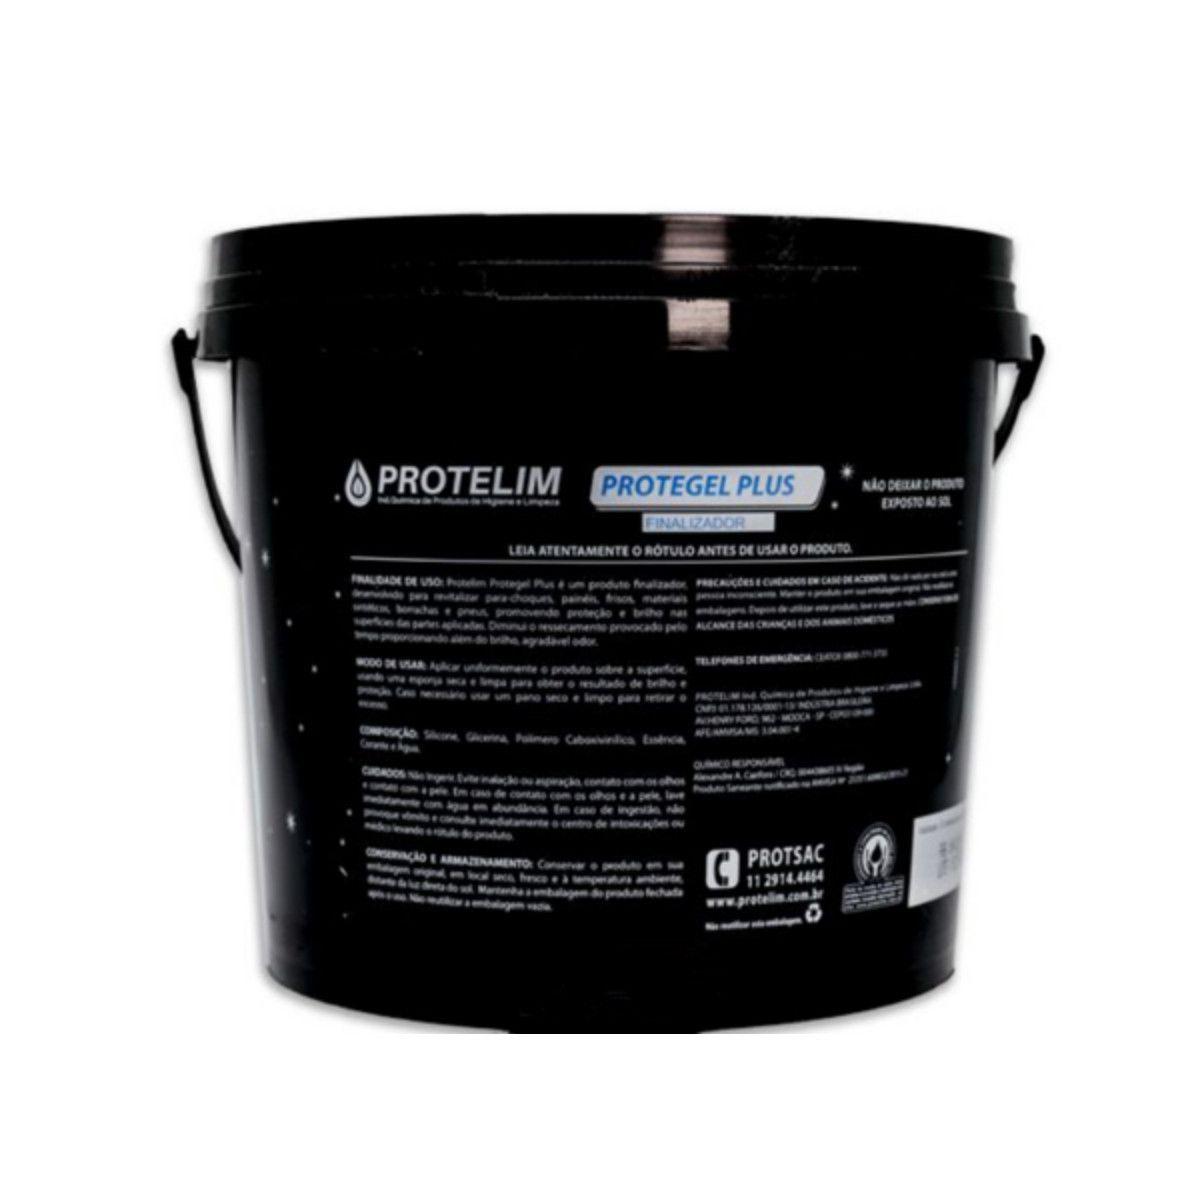 Protelim Gel Protegel Plus 3.1kg